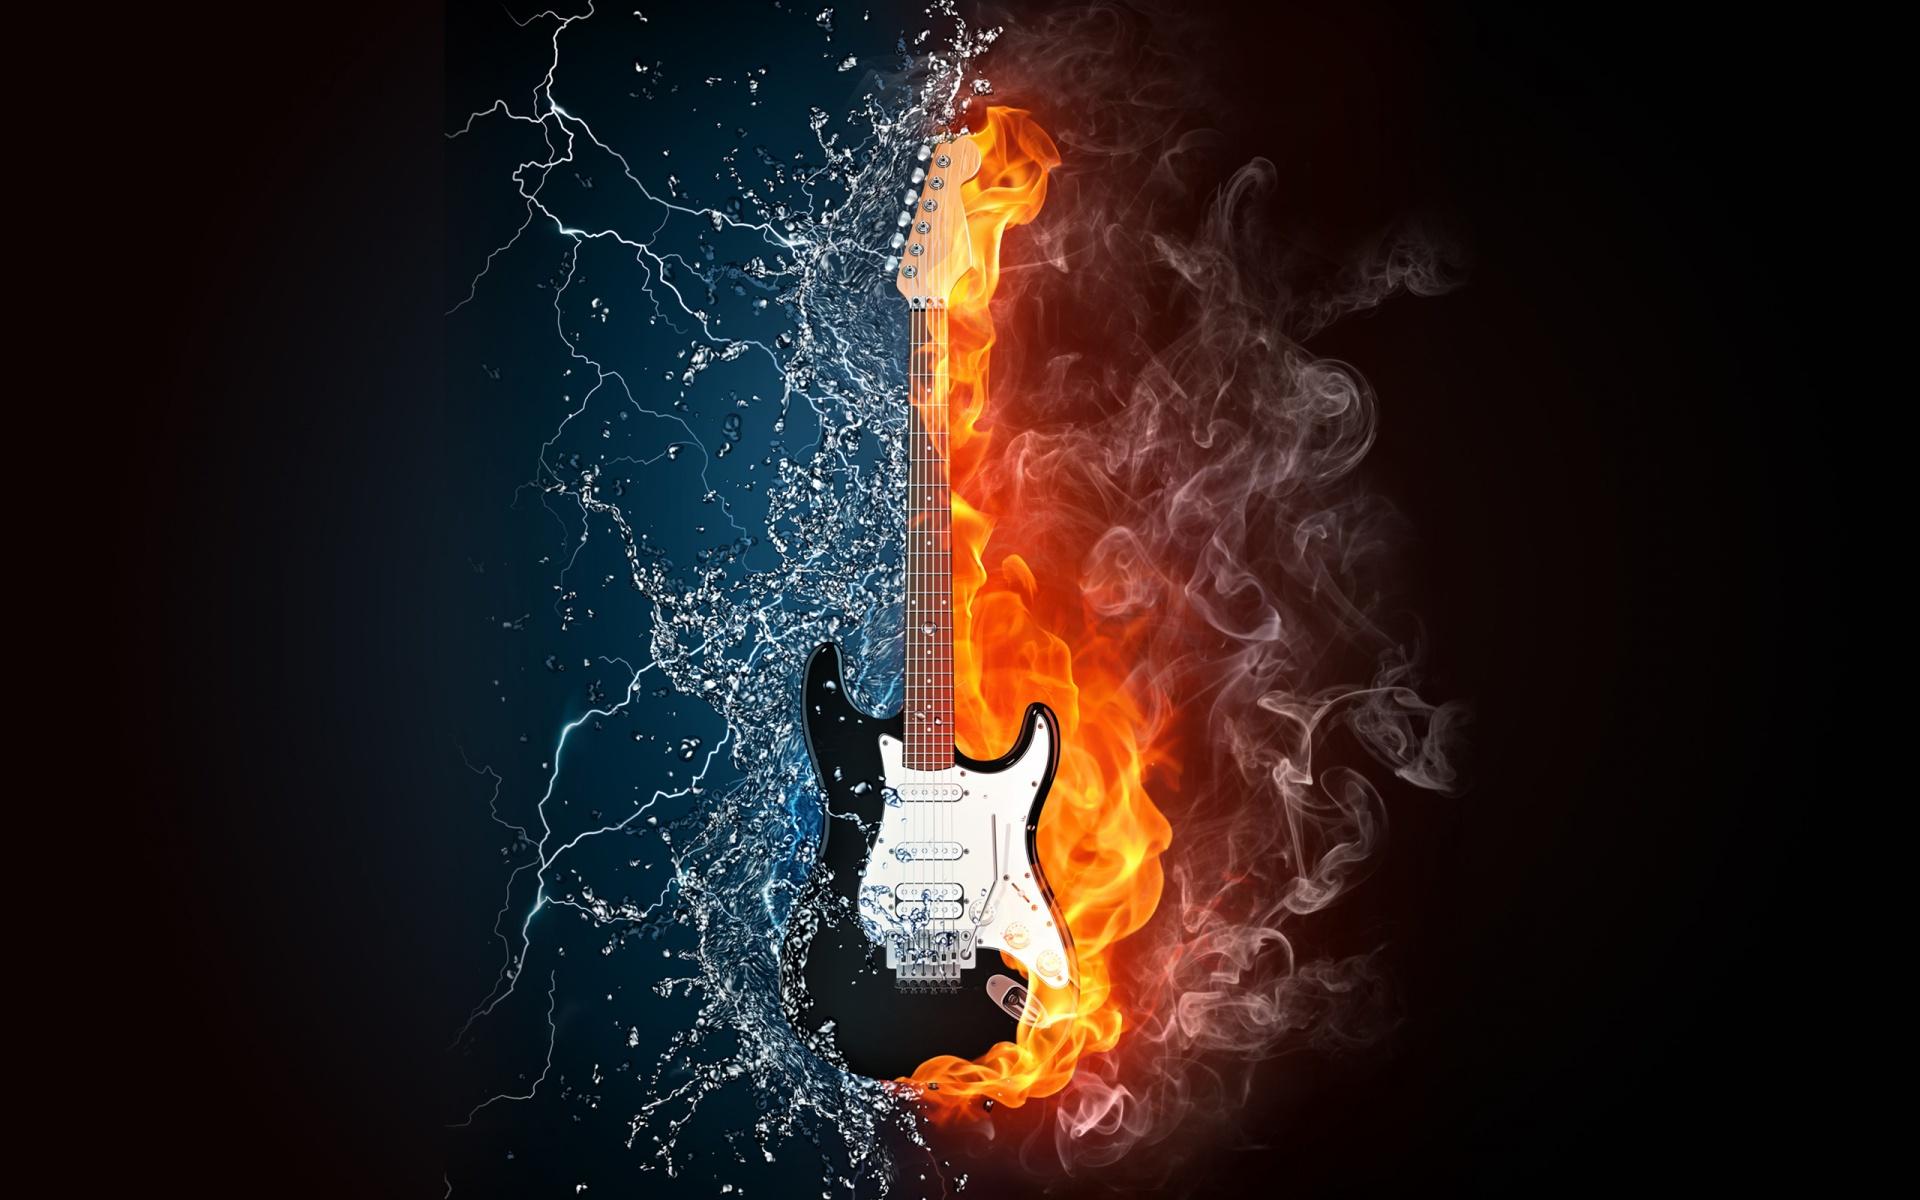 guitarfc.com_Guitar Bg (12)